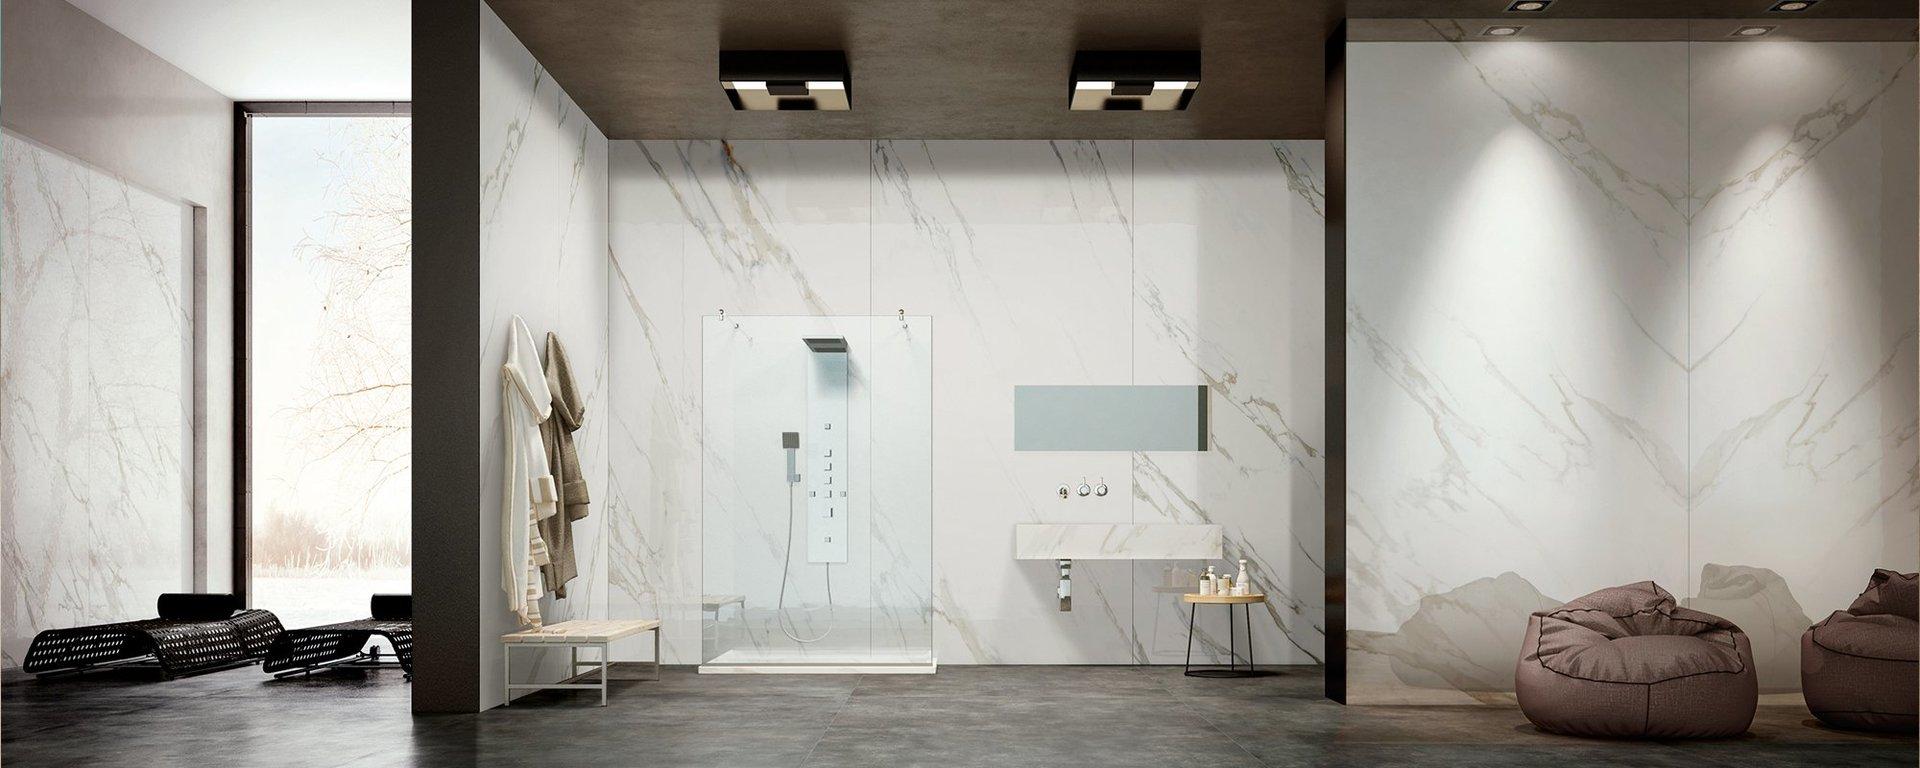 bagno con doccia arredamento moderno